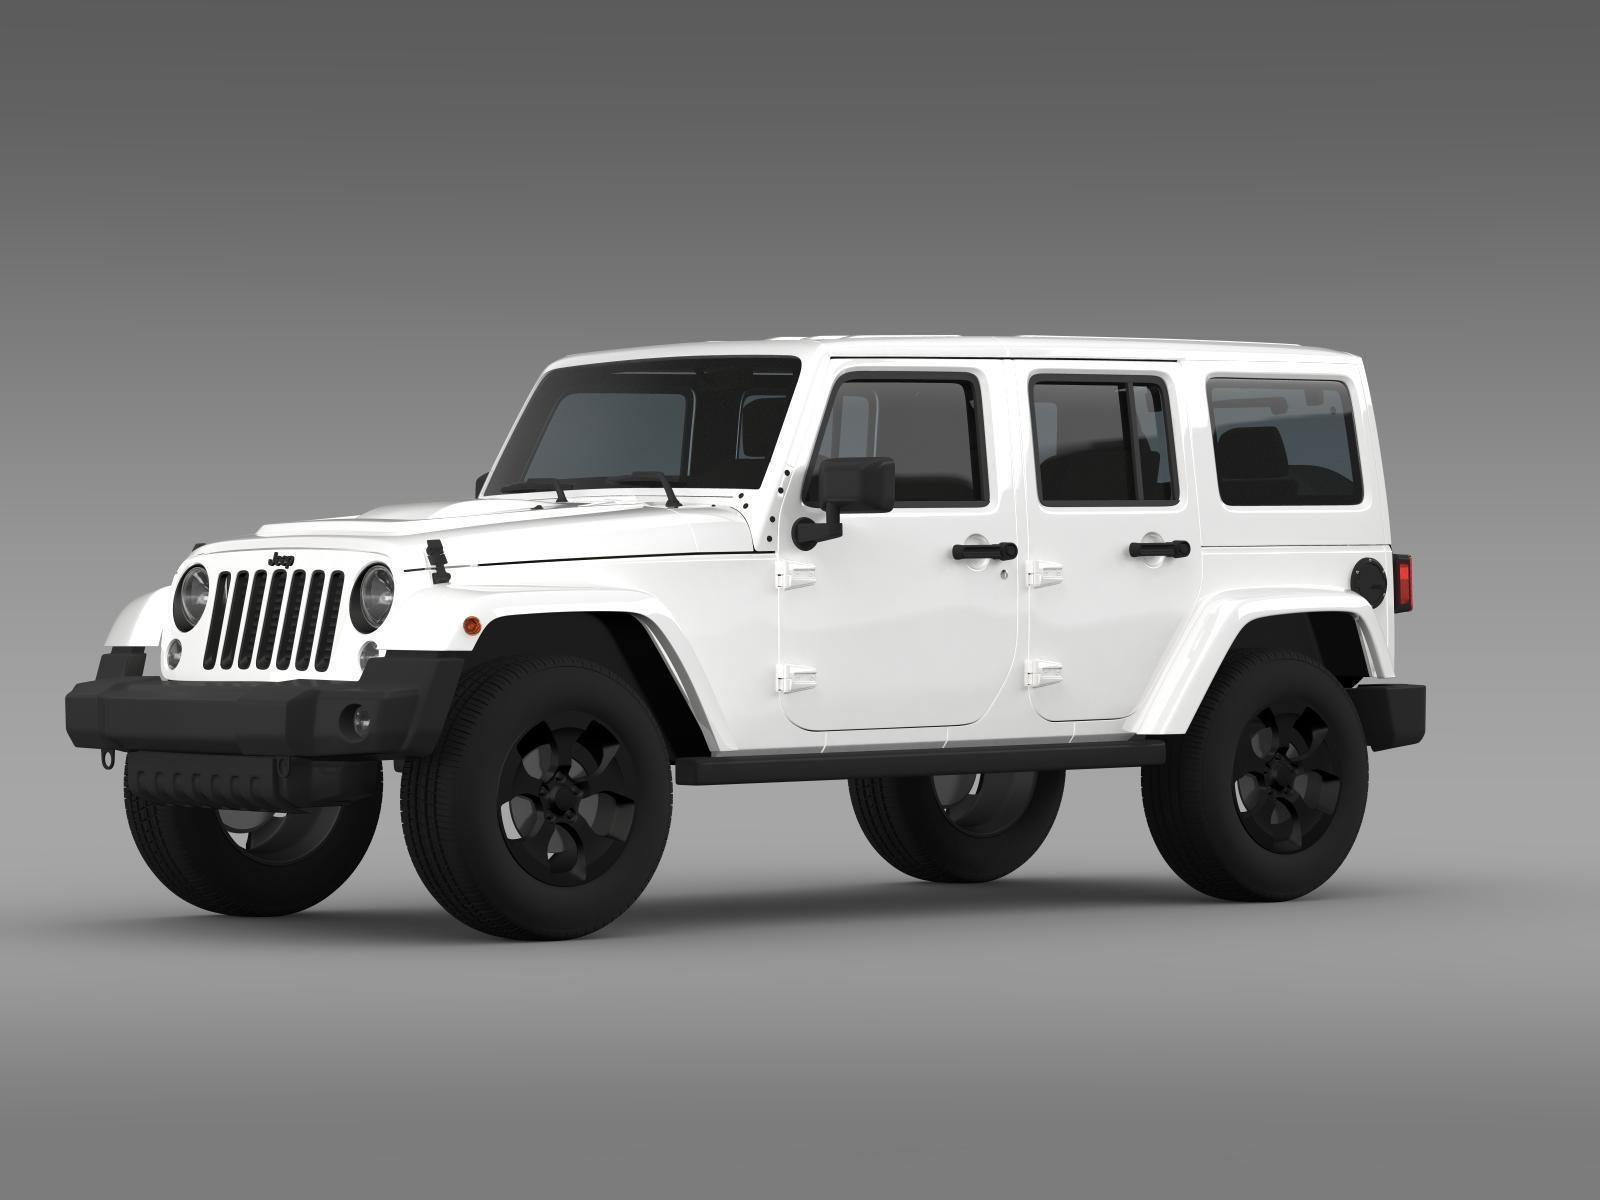 jeep wrangler 2015 white. jeep wrangler black edition 2 2015 3d model max obj 3ds fbx c4d lwo lw lws white m